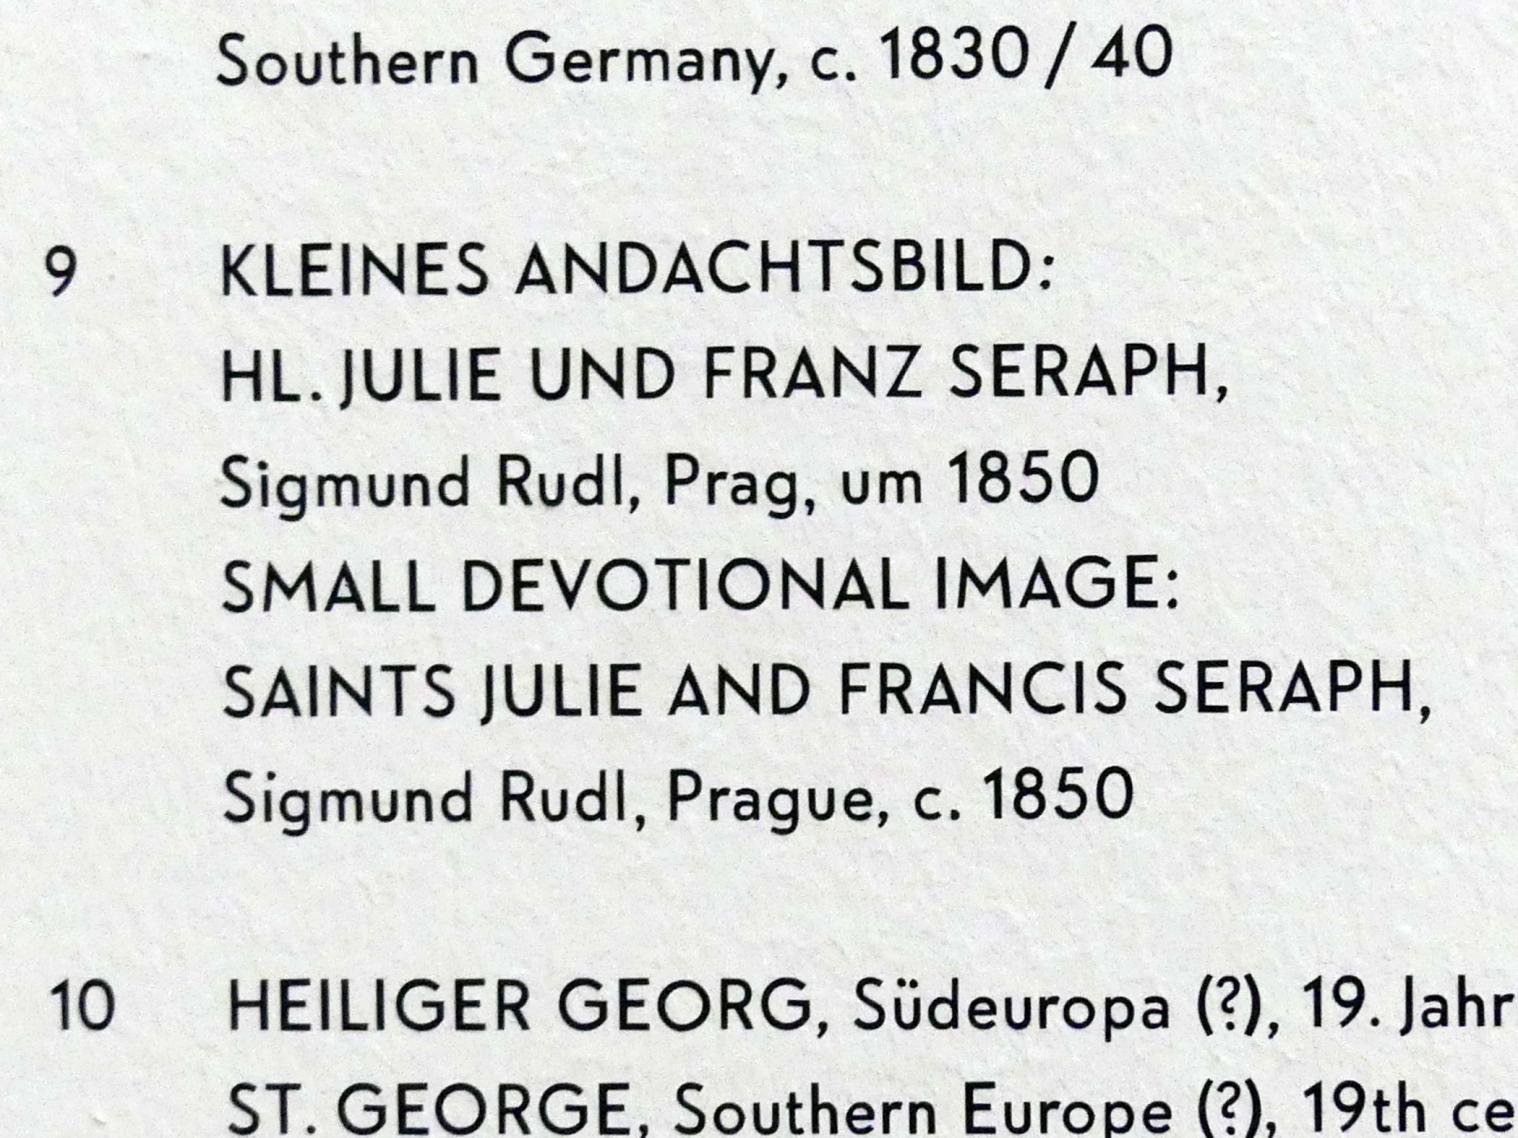 Sigmund Rudl: Kleines Andachtsbild: Hl. Julie und Franz Seraph, um 1850, Bild 2/2